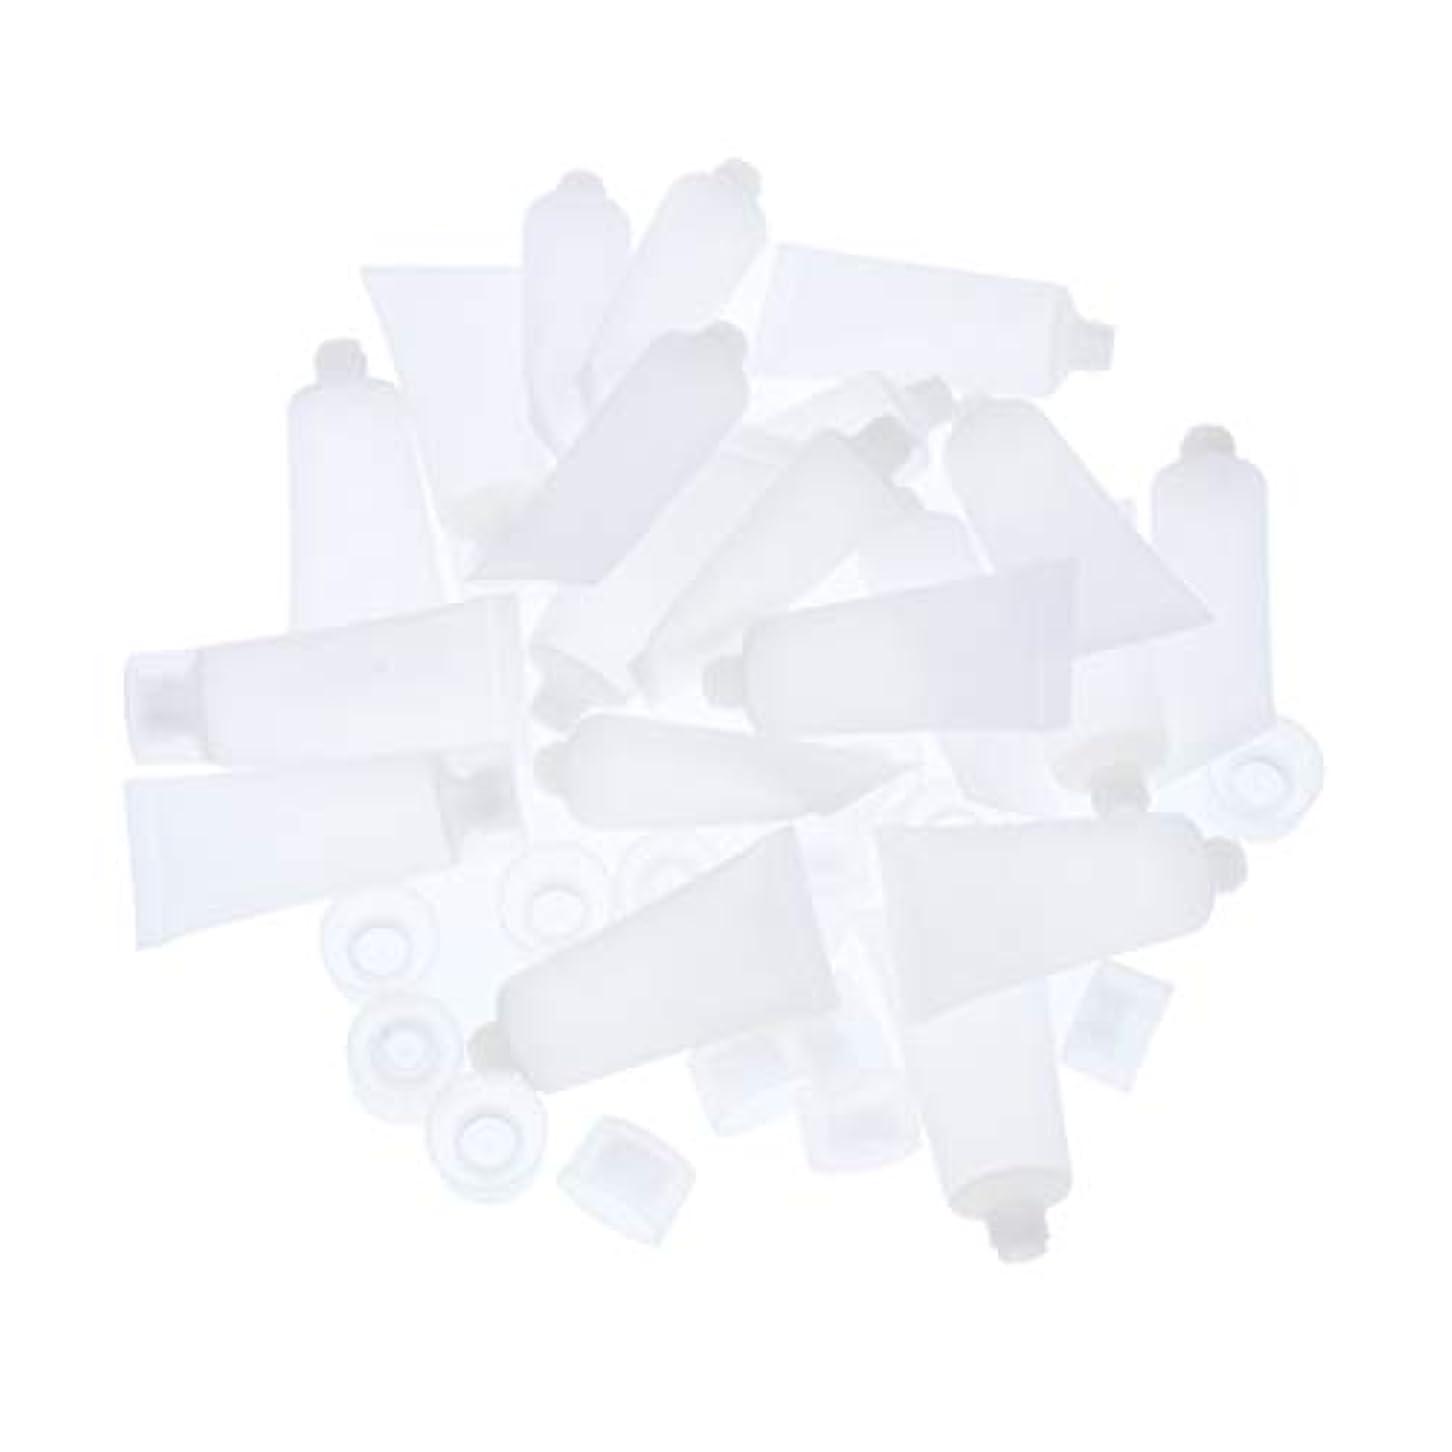 信頼毎年アプライアンスTachiuwa プラスチック 小分けボルト 化粧品ボルト クリームボルト 詰替え容器 旅行用品 約20個 全4サイズ - 20ml